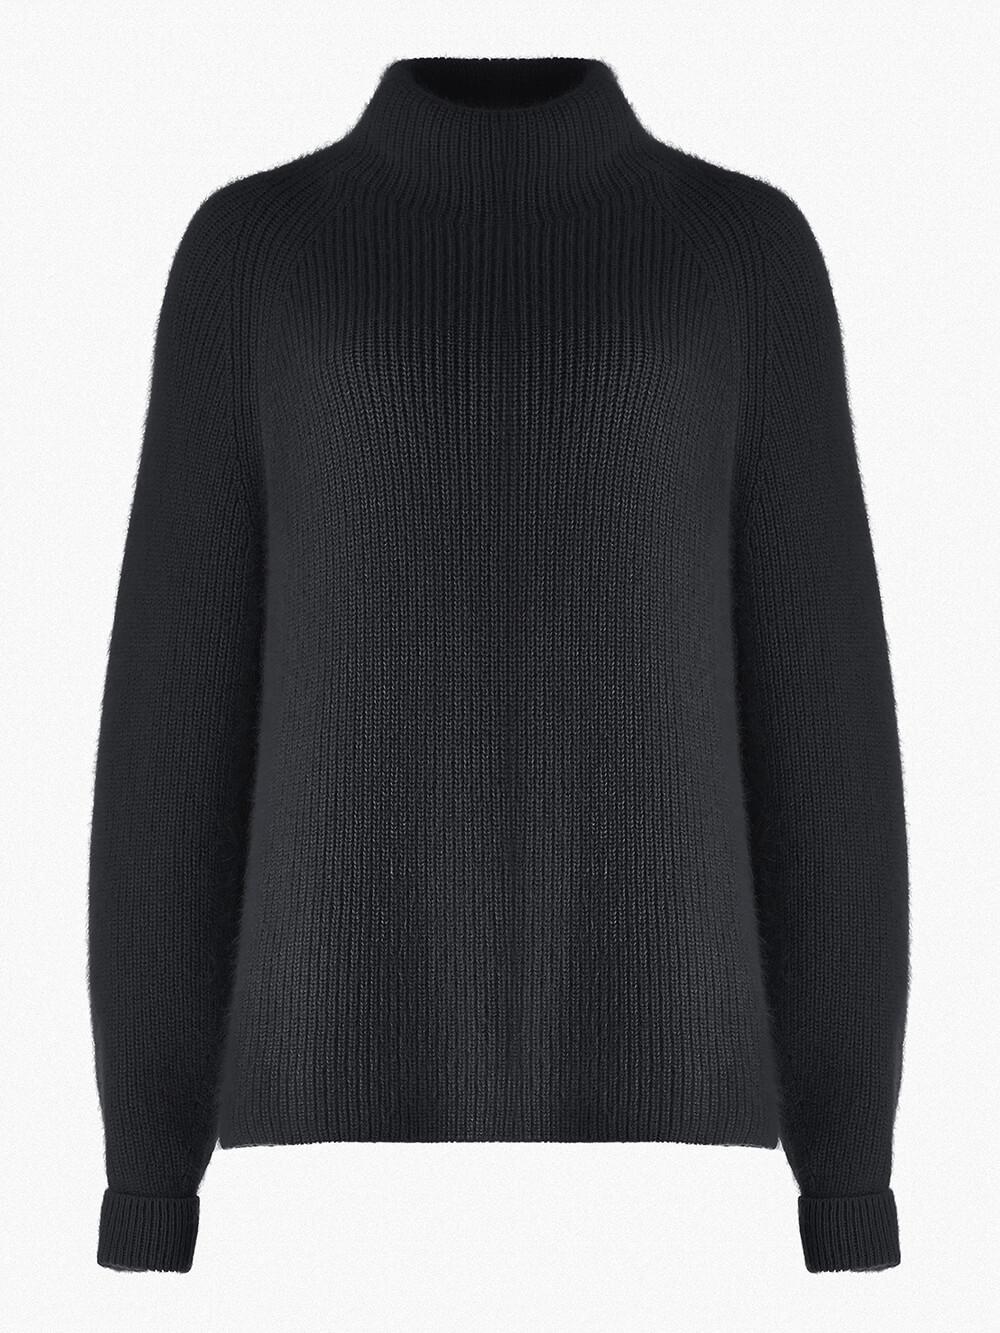 Женский свитер черного цвета из ангоры - фото 1